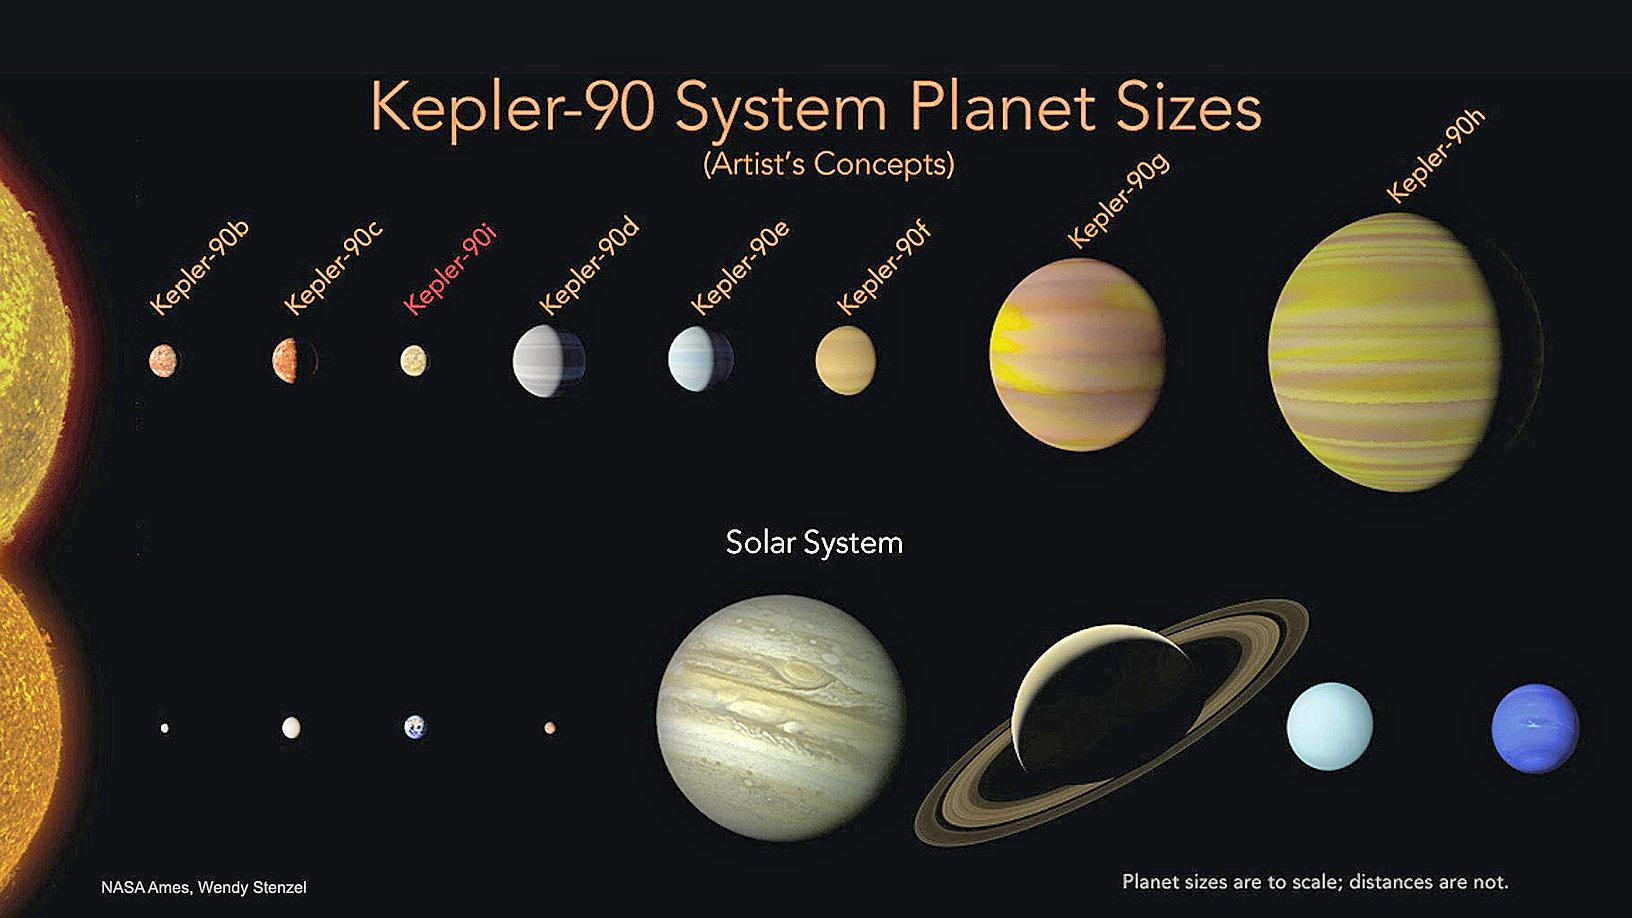 一個位於天龍座的恆星系統與太陽系的對比示意圖。(NASA)